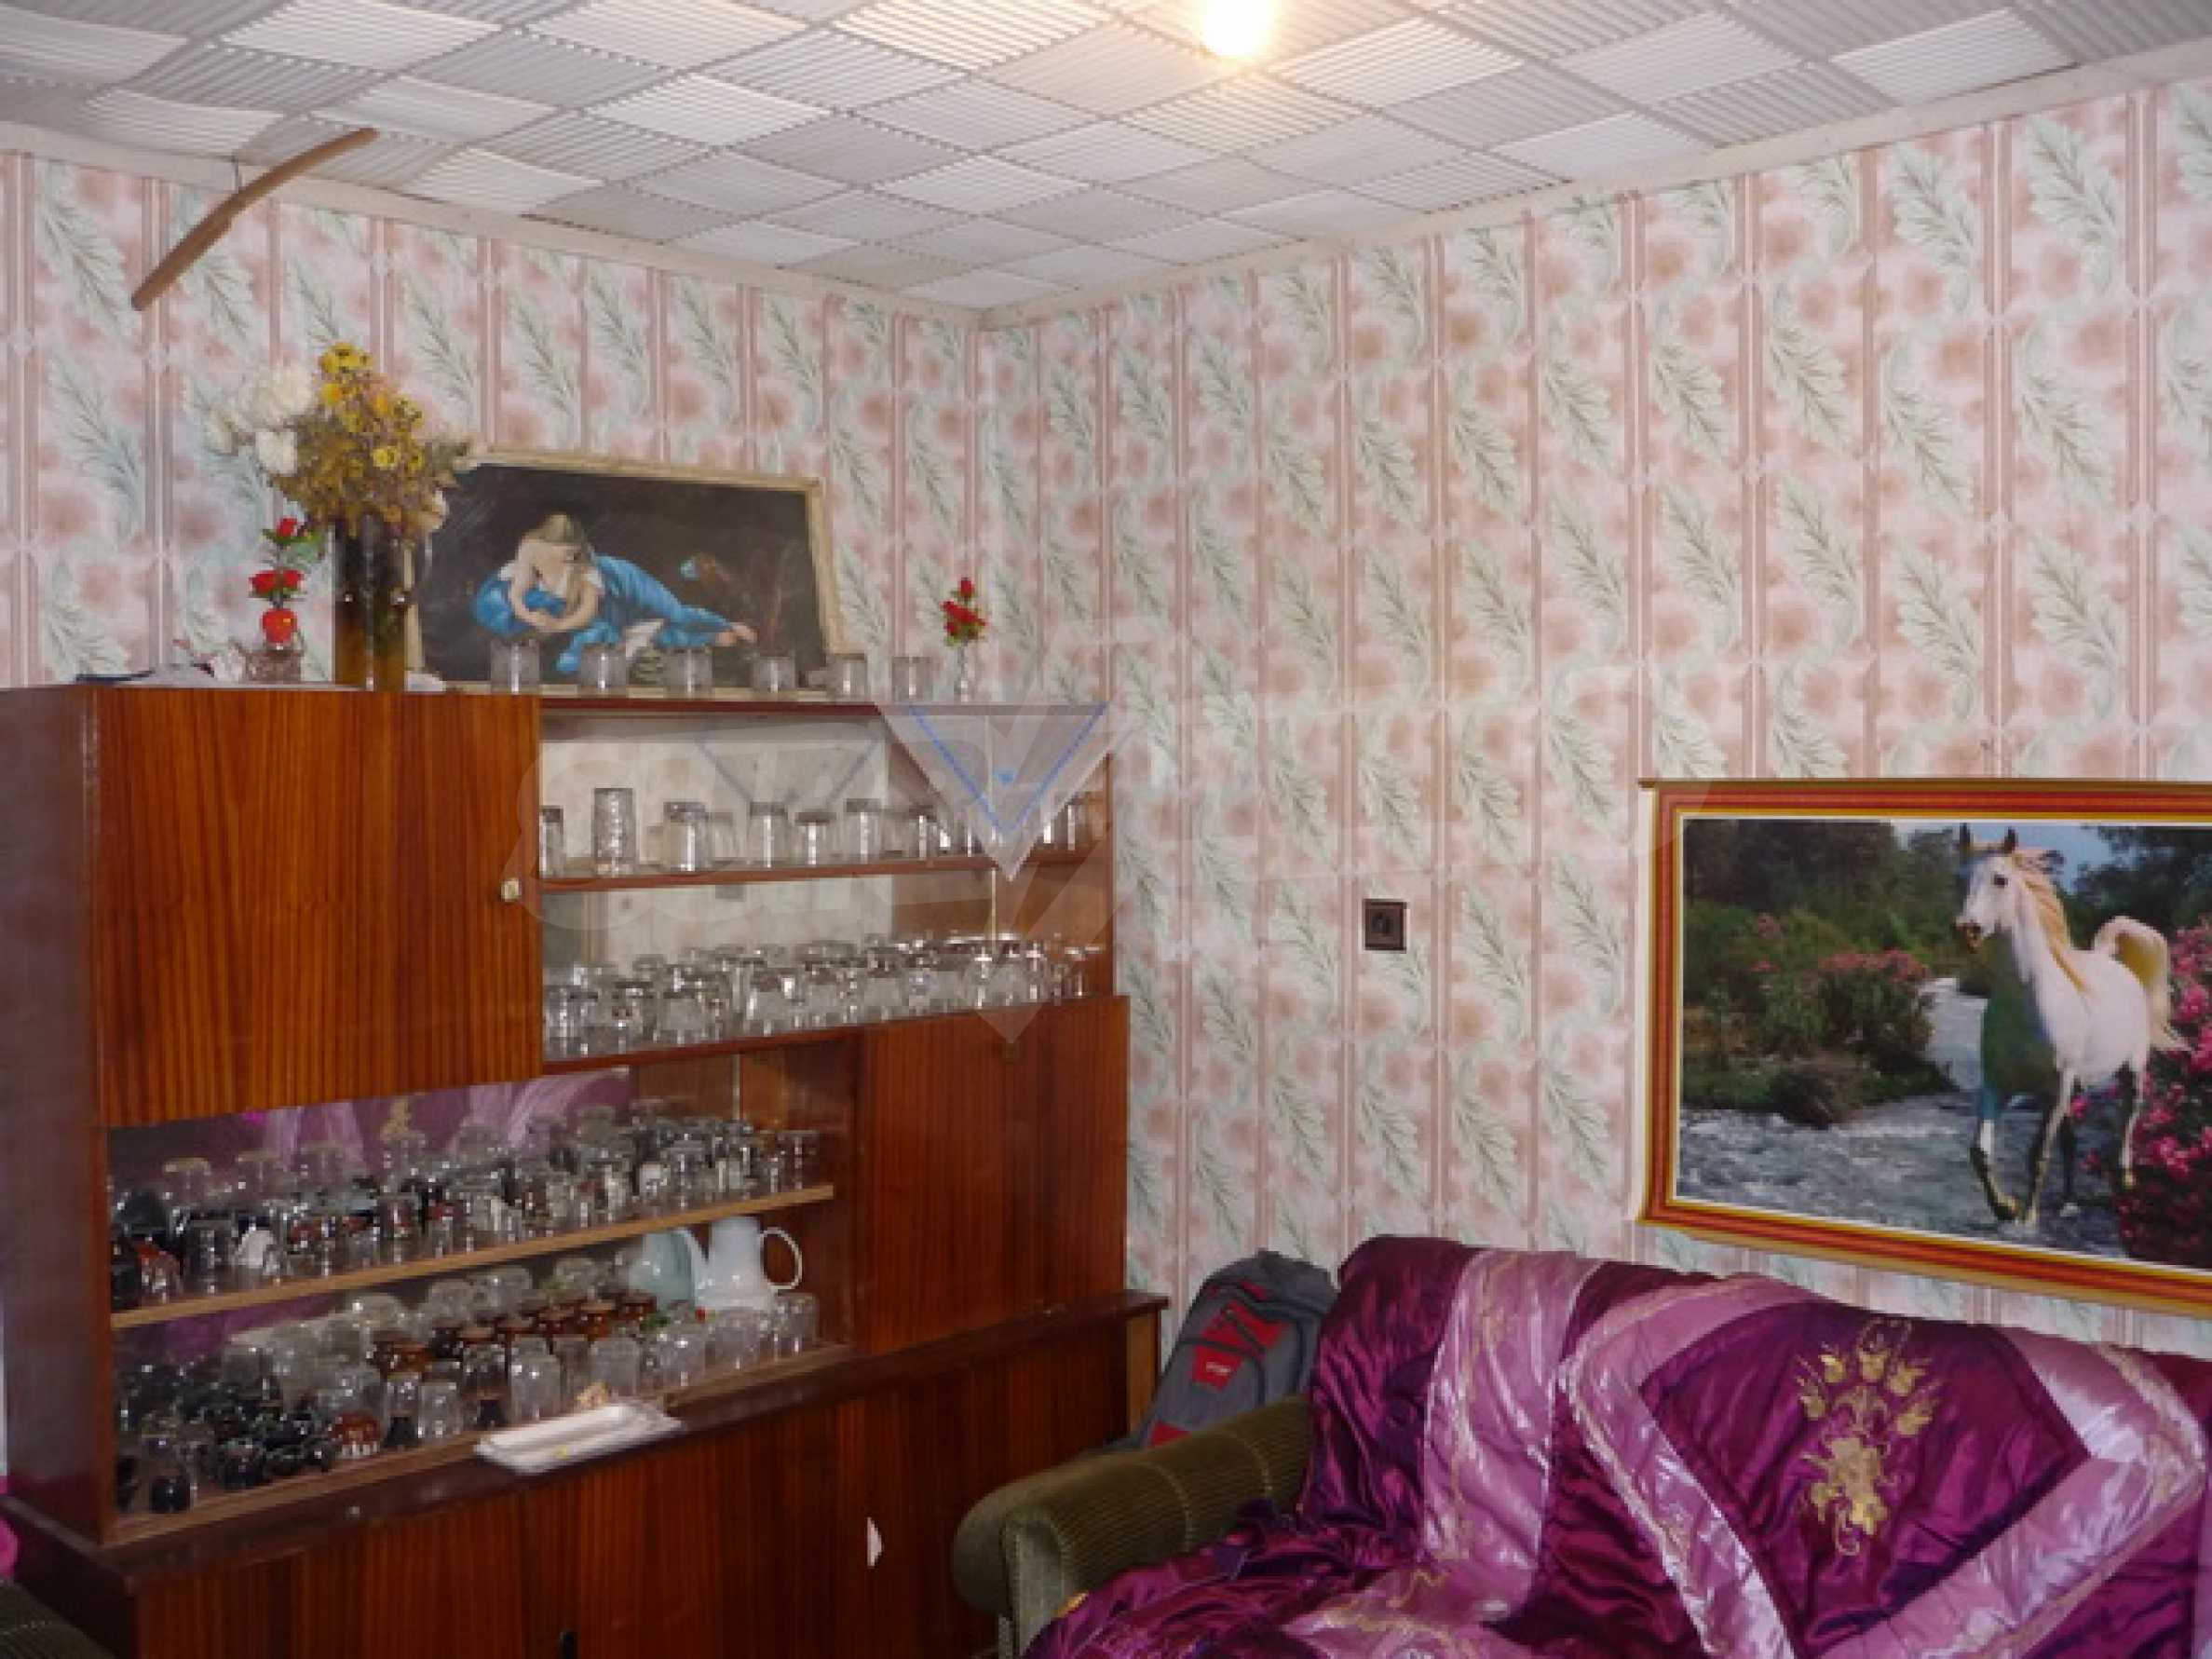 Zweistöckiges Haus zum Verkauf in einem Dorf 40 km von Veliko Tarnovo entfernt 9